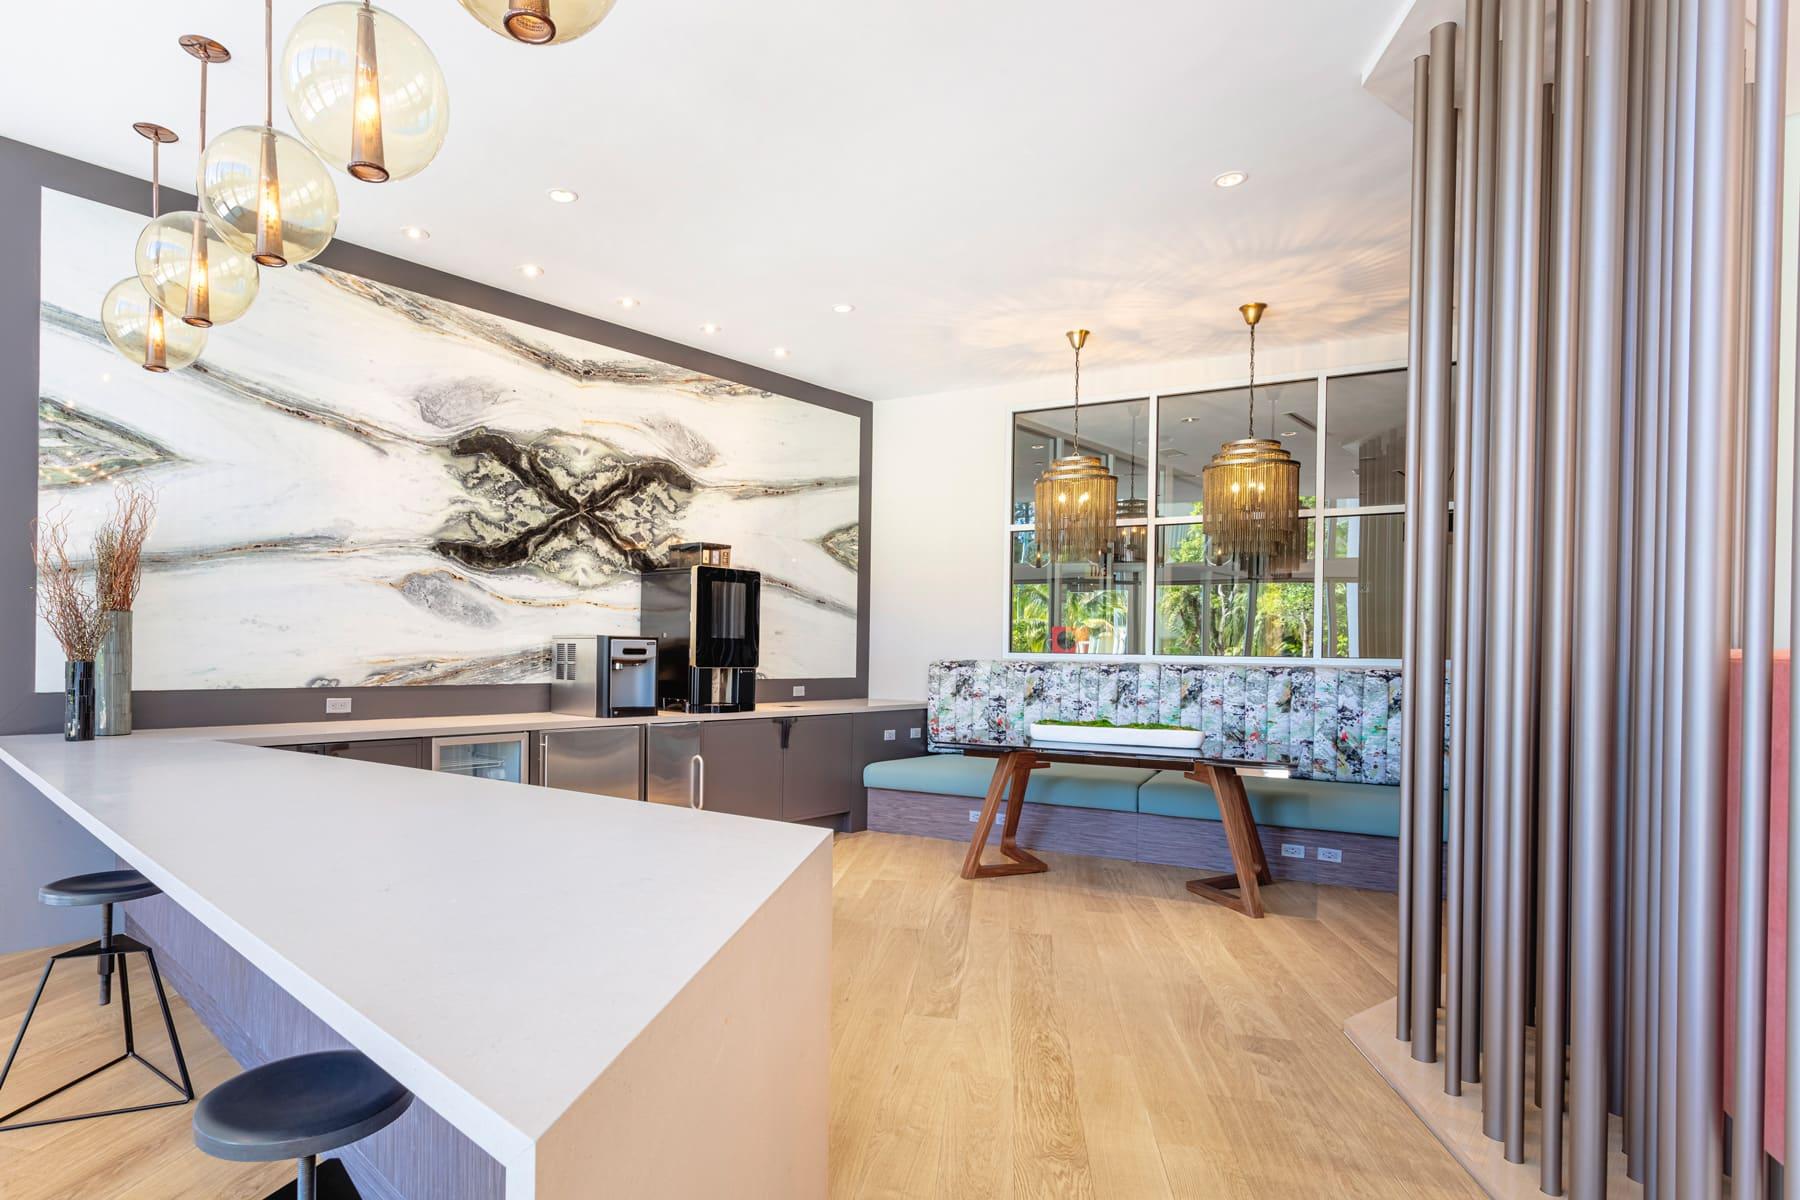 Modera Metro II   Interior Area   Miami, FL   Multifamily High Rise   Interior Designers